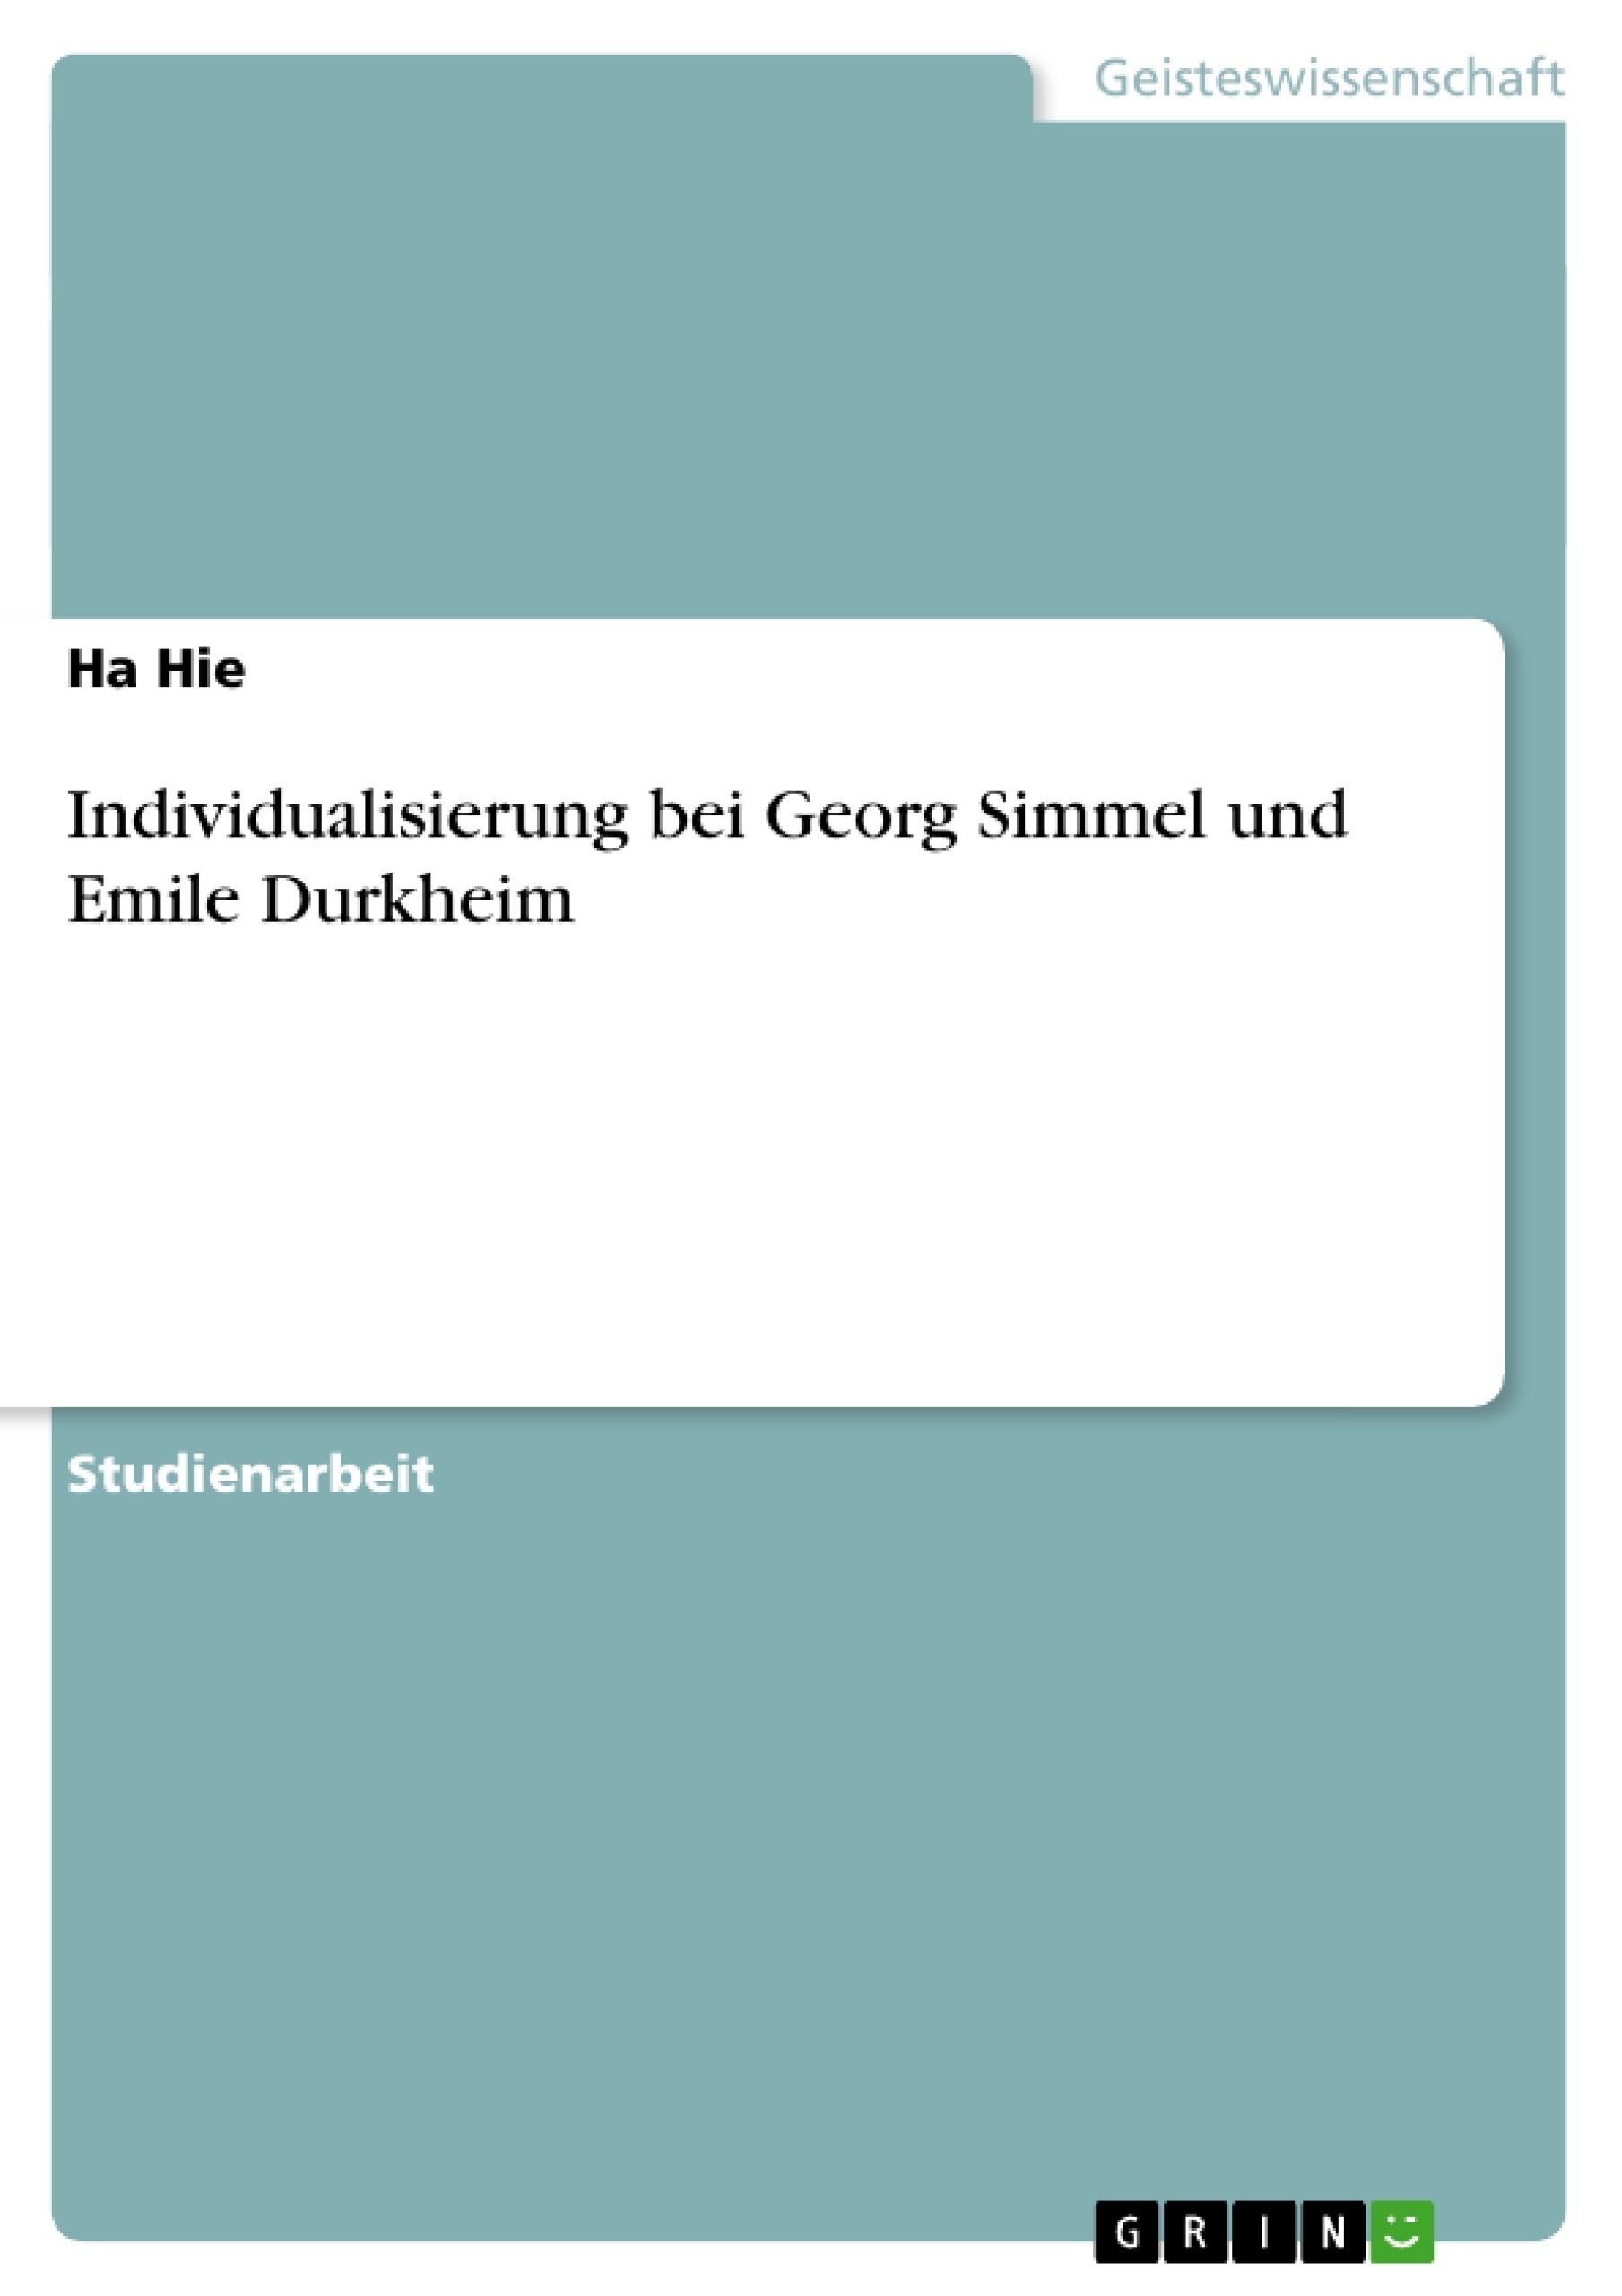 Titel: Individualisierung bei Georg Simmel und Emile Durkheim